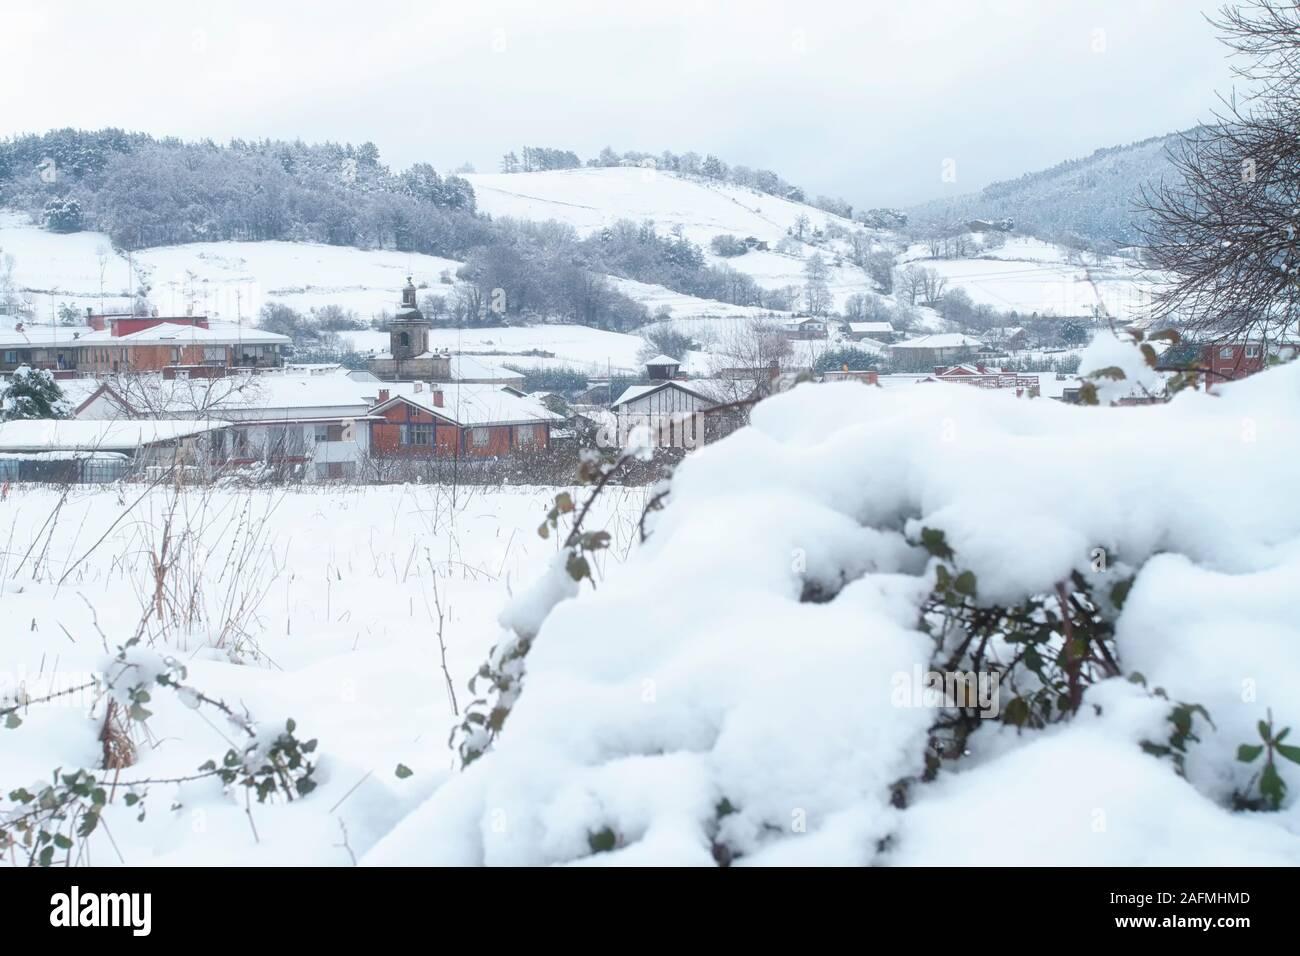 Febrero 04, 2015. Larrabetzu es un bonito pueblo situado en el valle de Txorierri, en el corazón de Bizkaia (País Vasco). Foto de stock